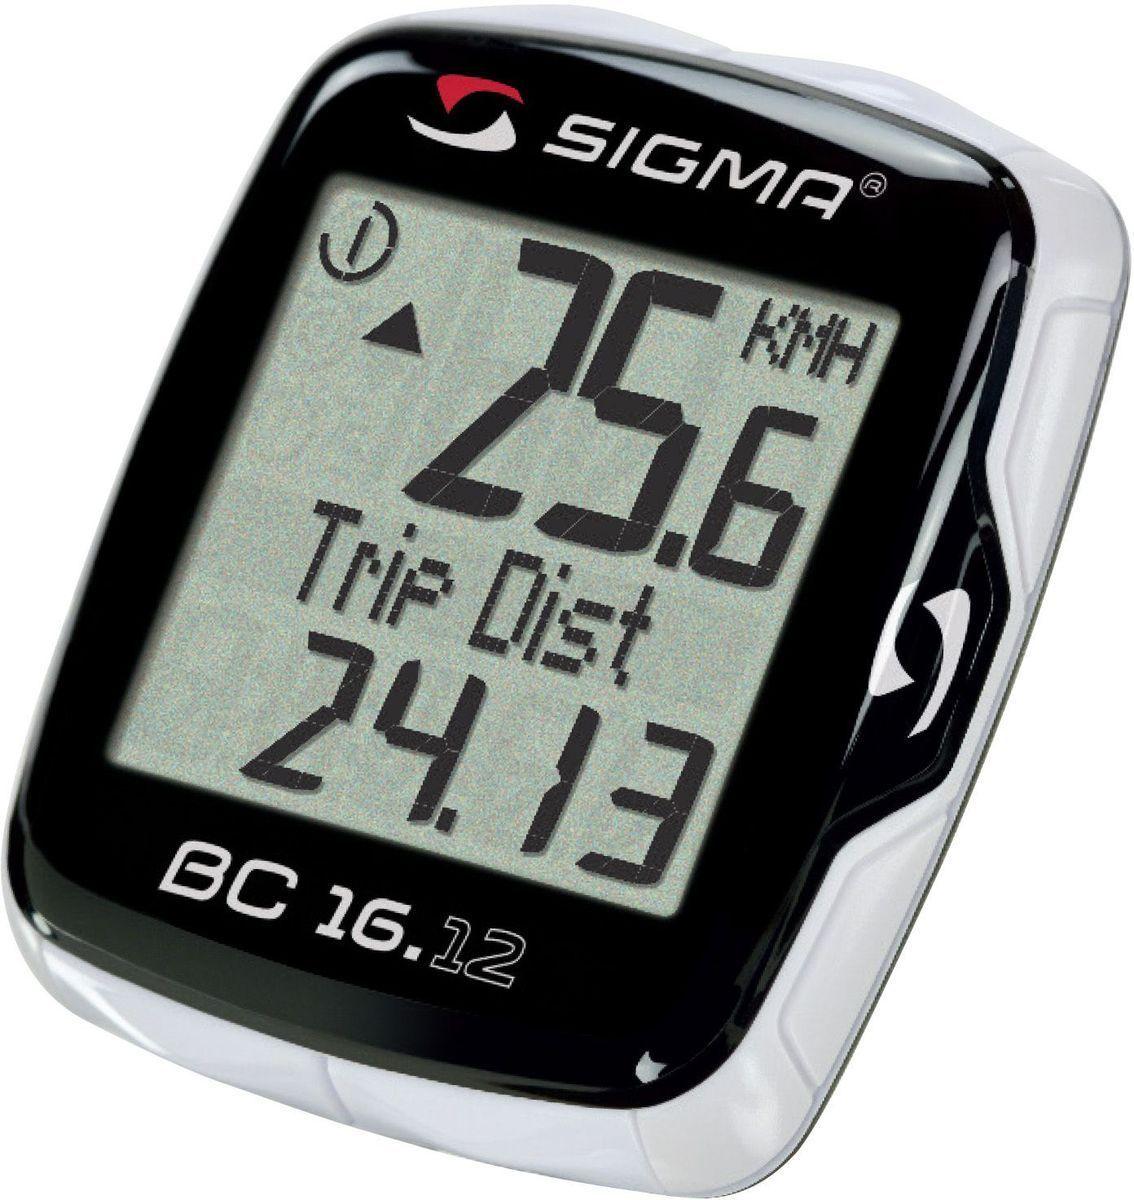 Велокомпьютер Sigma BC 16.12 Тopline 16 функцийSIG_06120Функции: текущая скорость средняя скорость максимальная скорость сравнение текущей и максимальной скоростей дистанция поездки общий путь для 1 / 2 / 1+2 велосипедов (не показывается во время движения) отдельный счетчик пути с ручным включением/выключением время в пути общее время 1 / 2 / 1+2 велосипедов (не показывается во время движения) отдельный счетчик времени с ручным включением/выключением часы таймер обратного отсчета текущая температура С этой моделью возможно использование каденса (докупается отдельно) Автоматическое включение/выключение при езде и остановке Влагозащищен Подсветка Сохранение данных при замене батарейки Индикатор разряда батареи компьютера и датчика Есть возможность подключения к компьютеру с помощью дополнительных аксессуаров